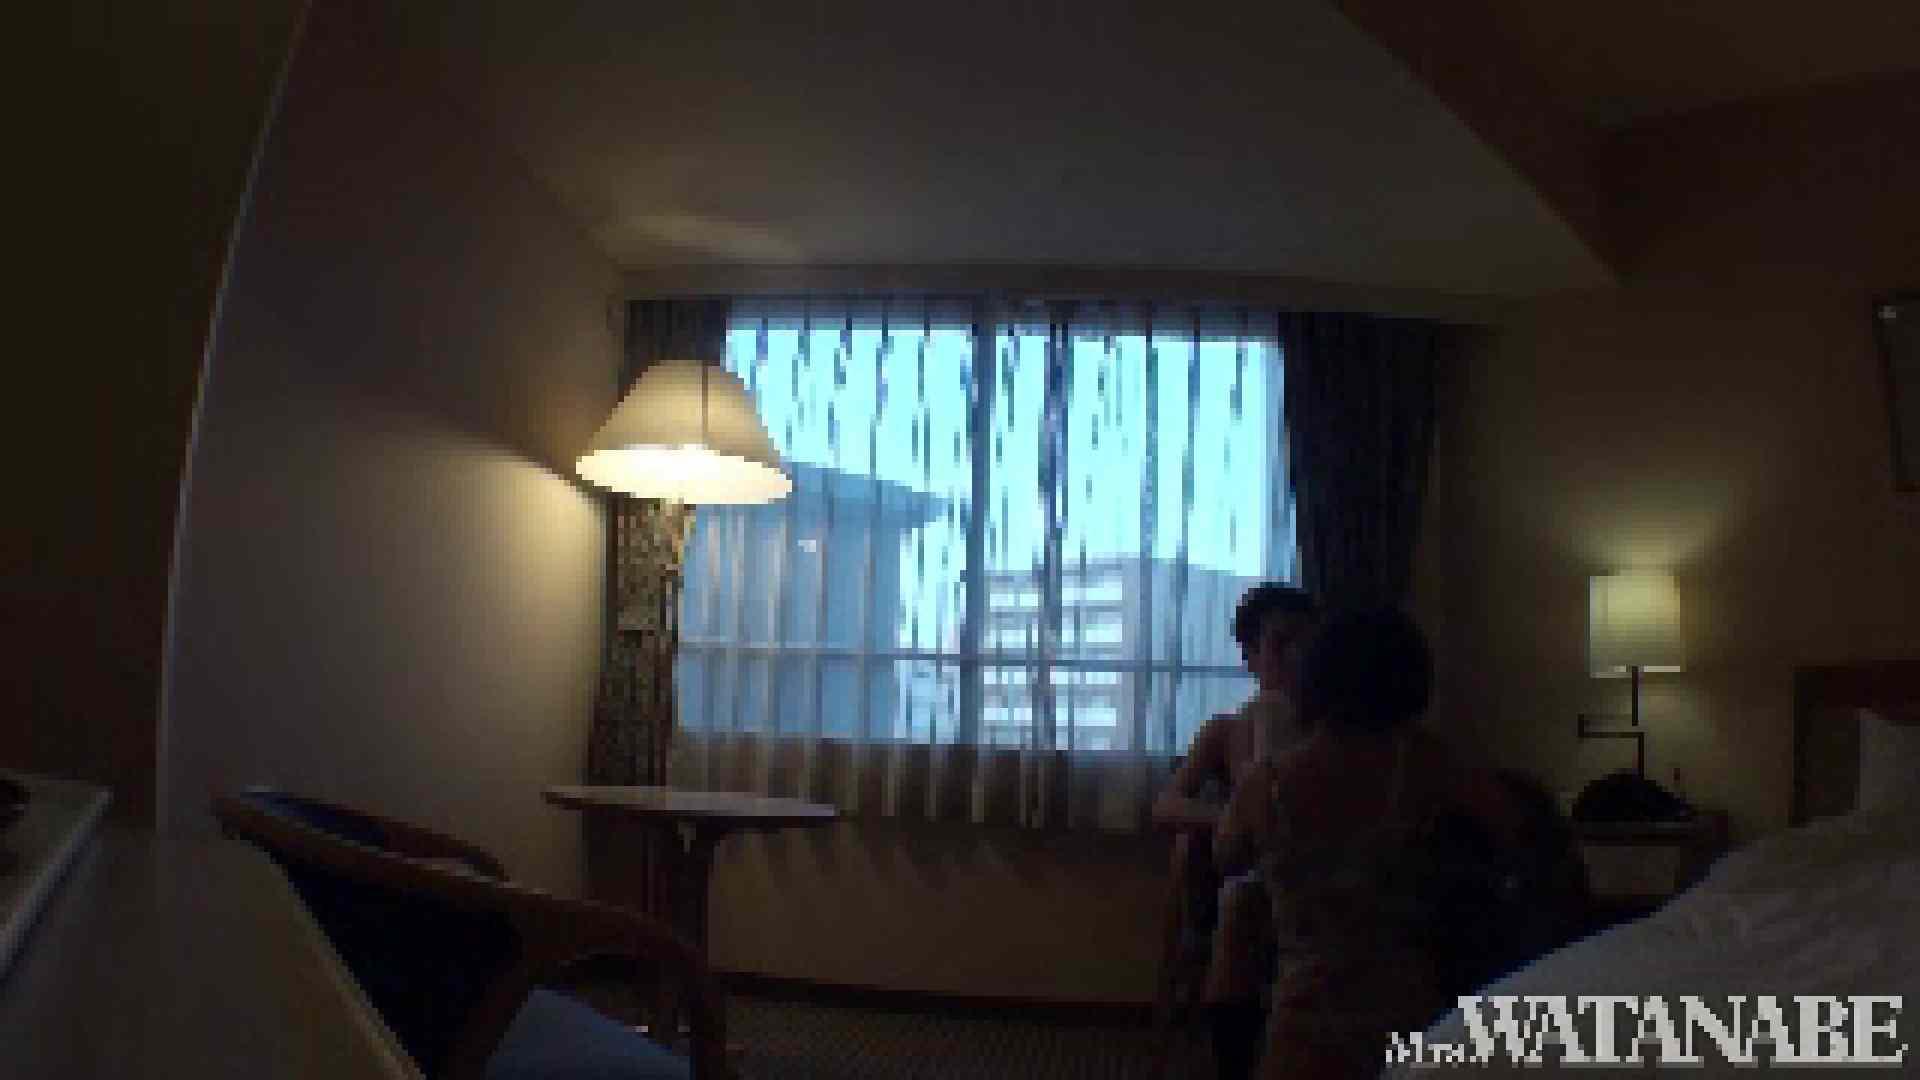 撮影スタッフを誘惑する痴熟女 かおり40歳 Vol.03 OLのエッチ  93pic 24